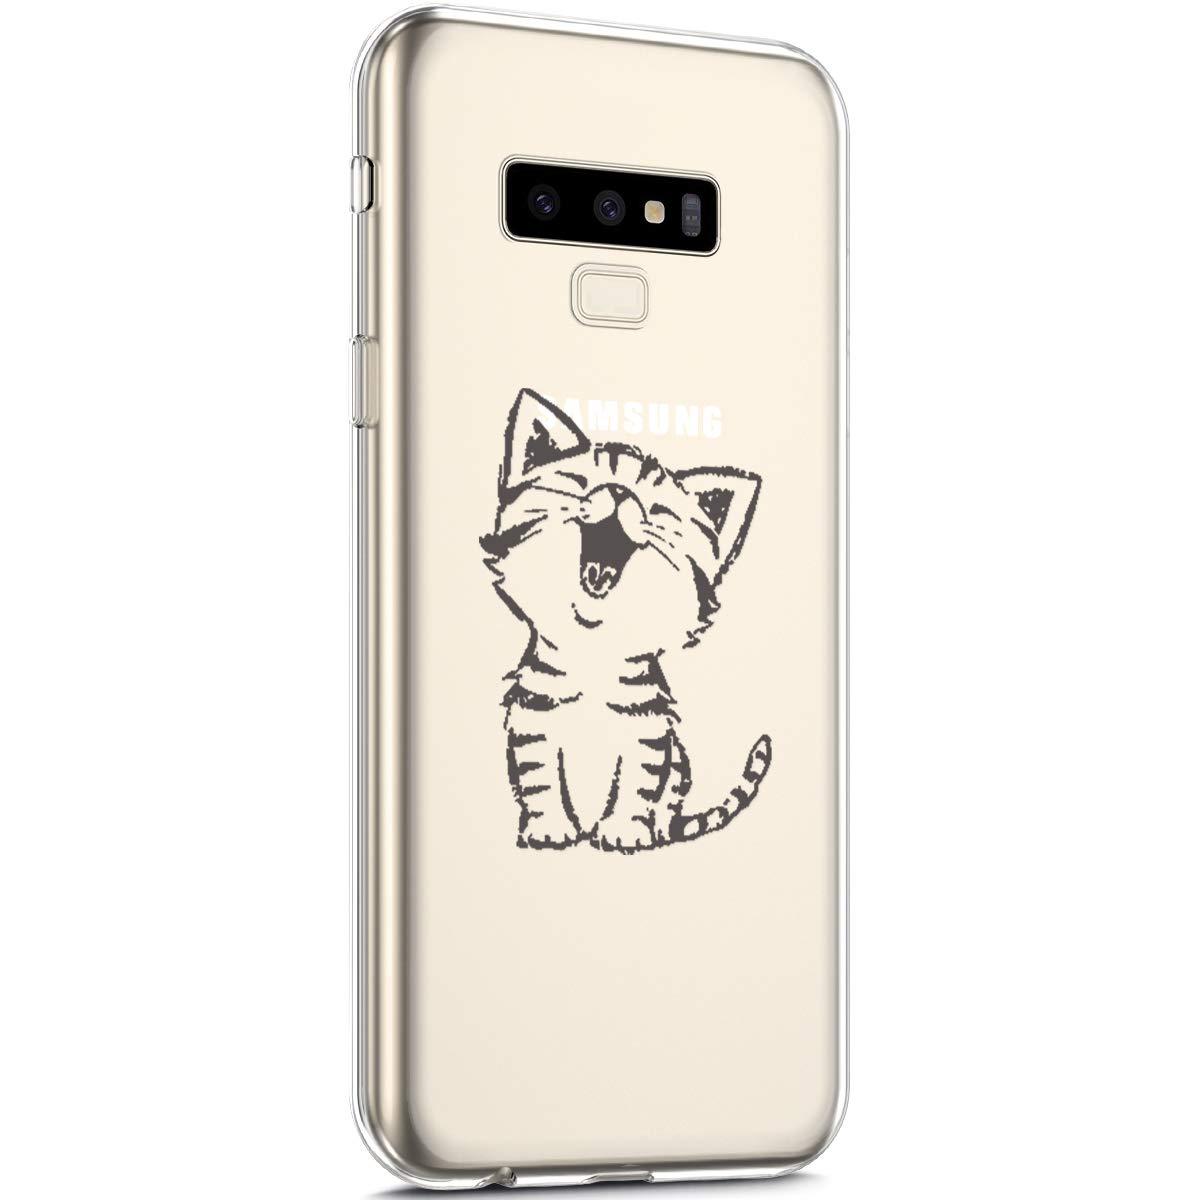 Surakey Cover Samsung Galaxy Note 9, Custodia Silicone Trasparente con Disegni Fiore di Ciliegio Cartoon Divertente Ultra Sottile Leggero Protettiva Skin Crystal Clear Cover per Galaxy Note 9,Giraffa